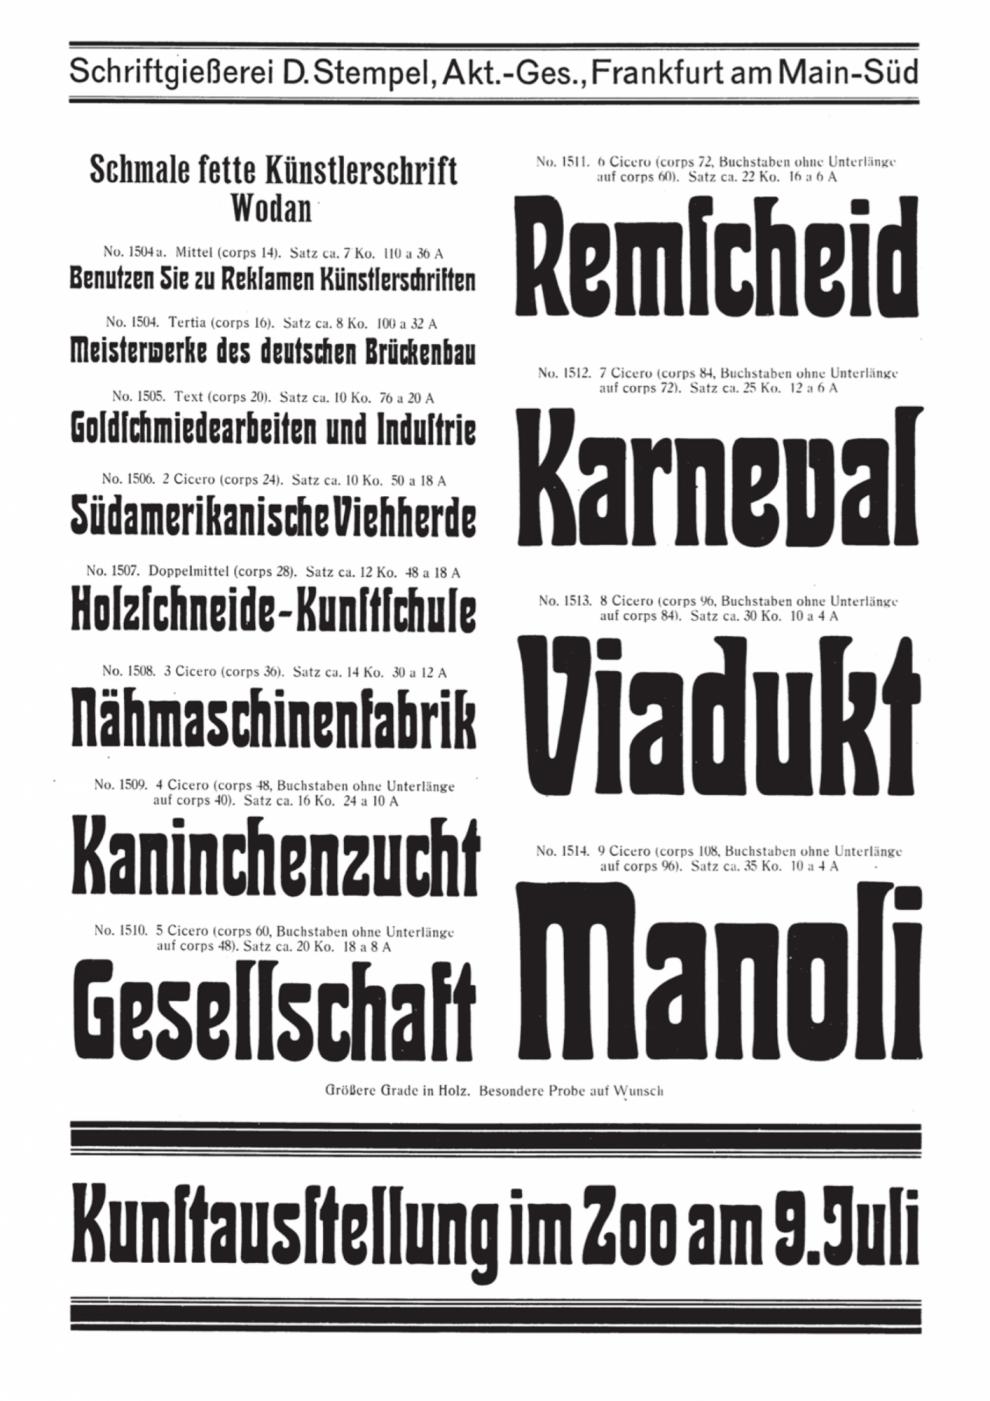 FSchweimanns-SchmaleFetteKunstlerschriftWodan-1902.png